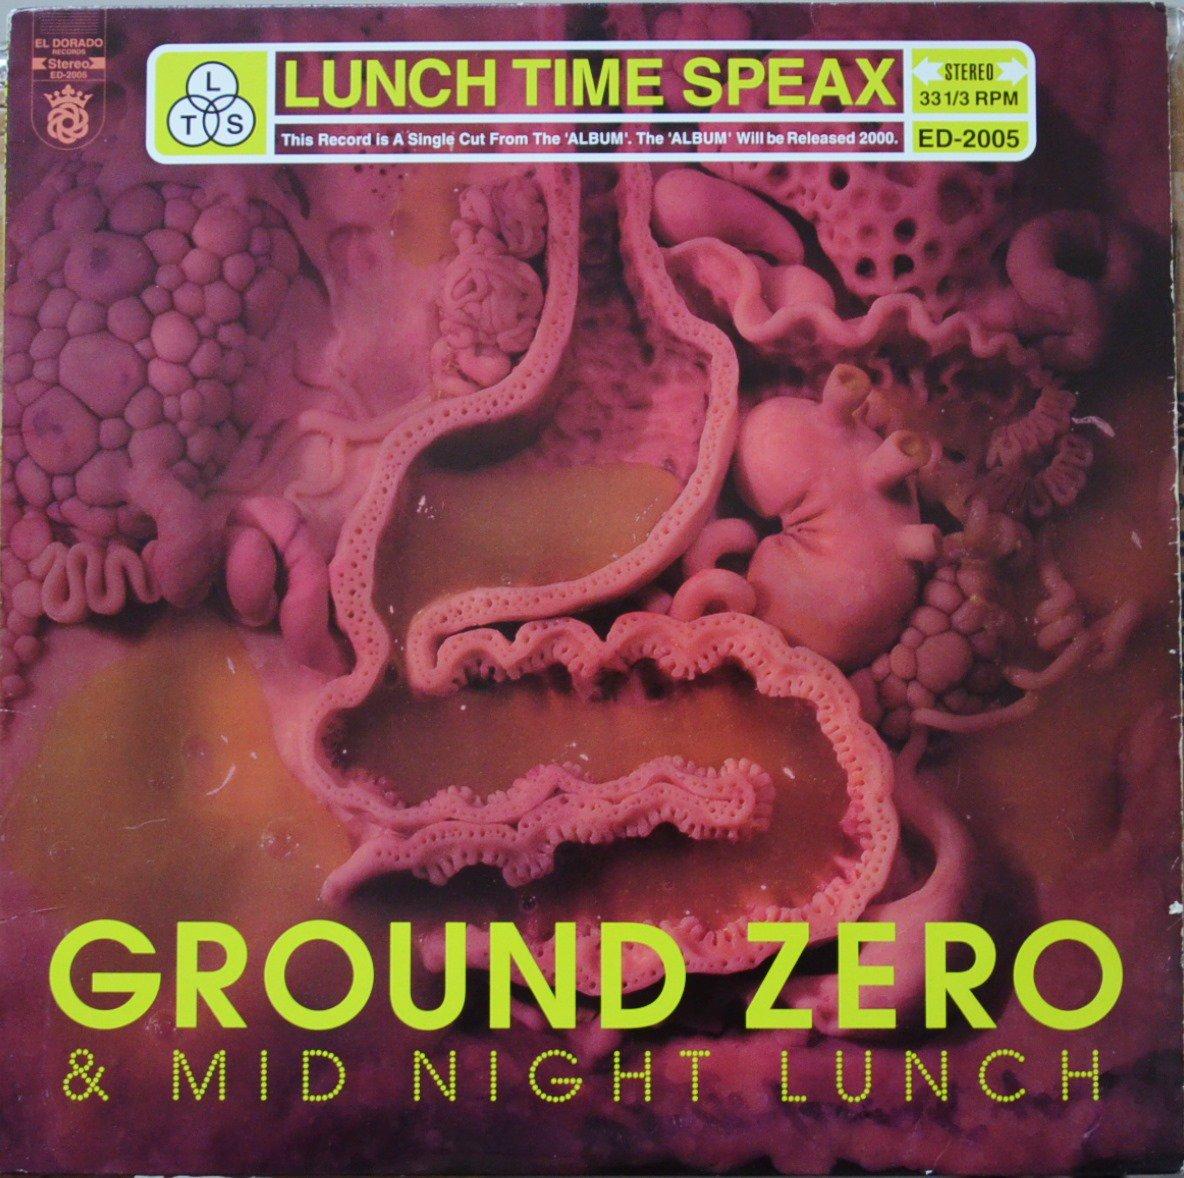 ランチ・タイム・スピークス LUNCH TIME SPEAX / グランド・ゼロ GROUND ZERO / ミッドナイト・ランチ MIDNIGHT LUNCH (12